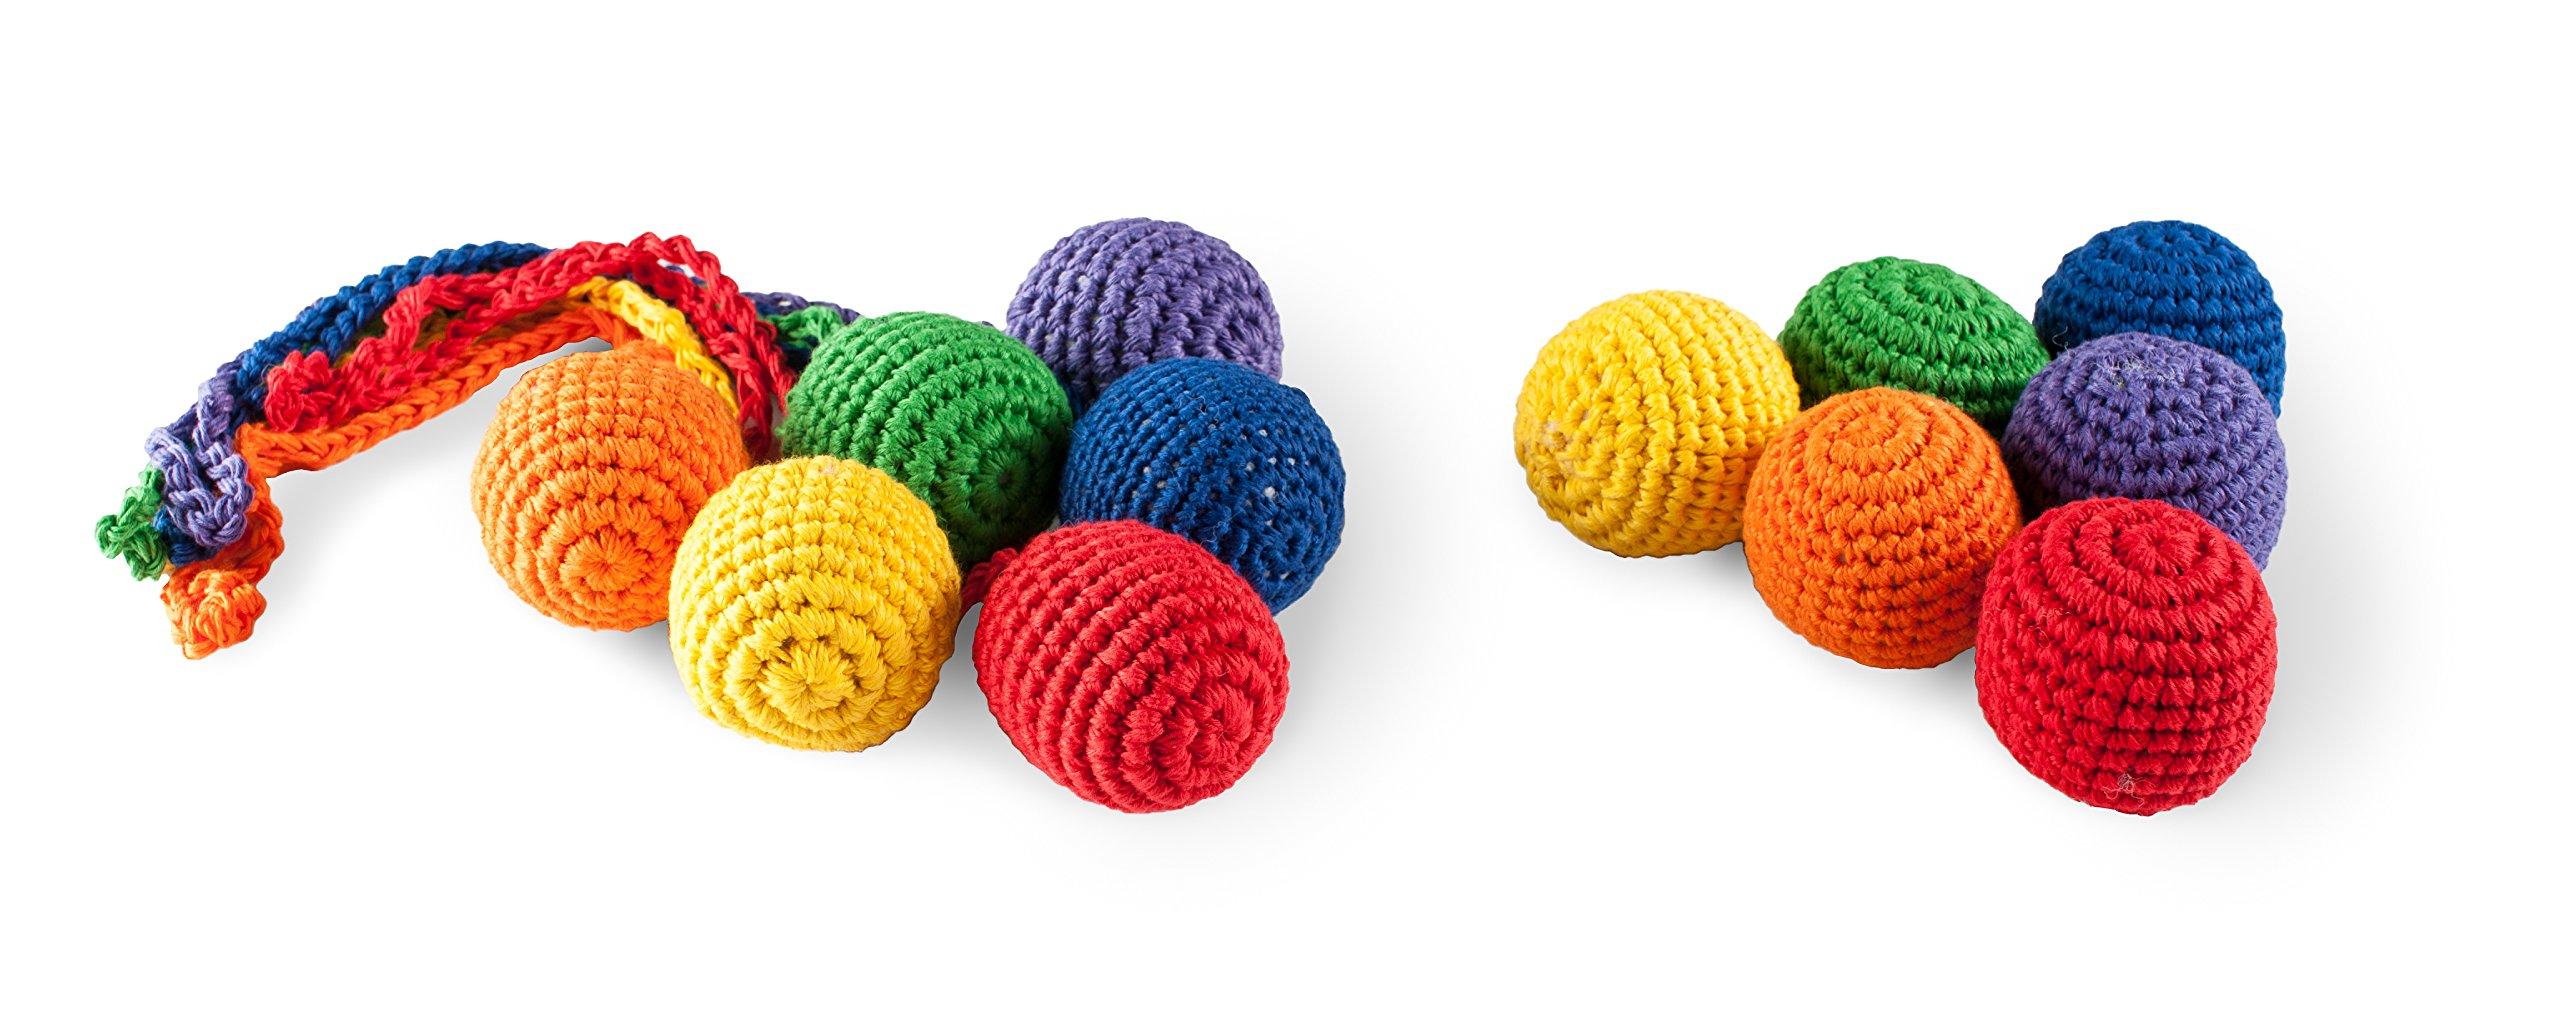 FROEBEL Gift 1 - Yarn Balls by FROEBEL (Image #1)